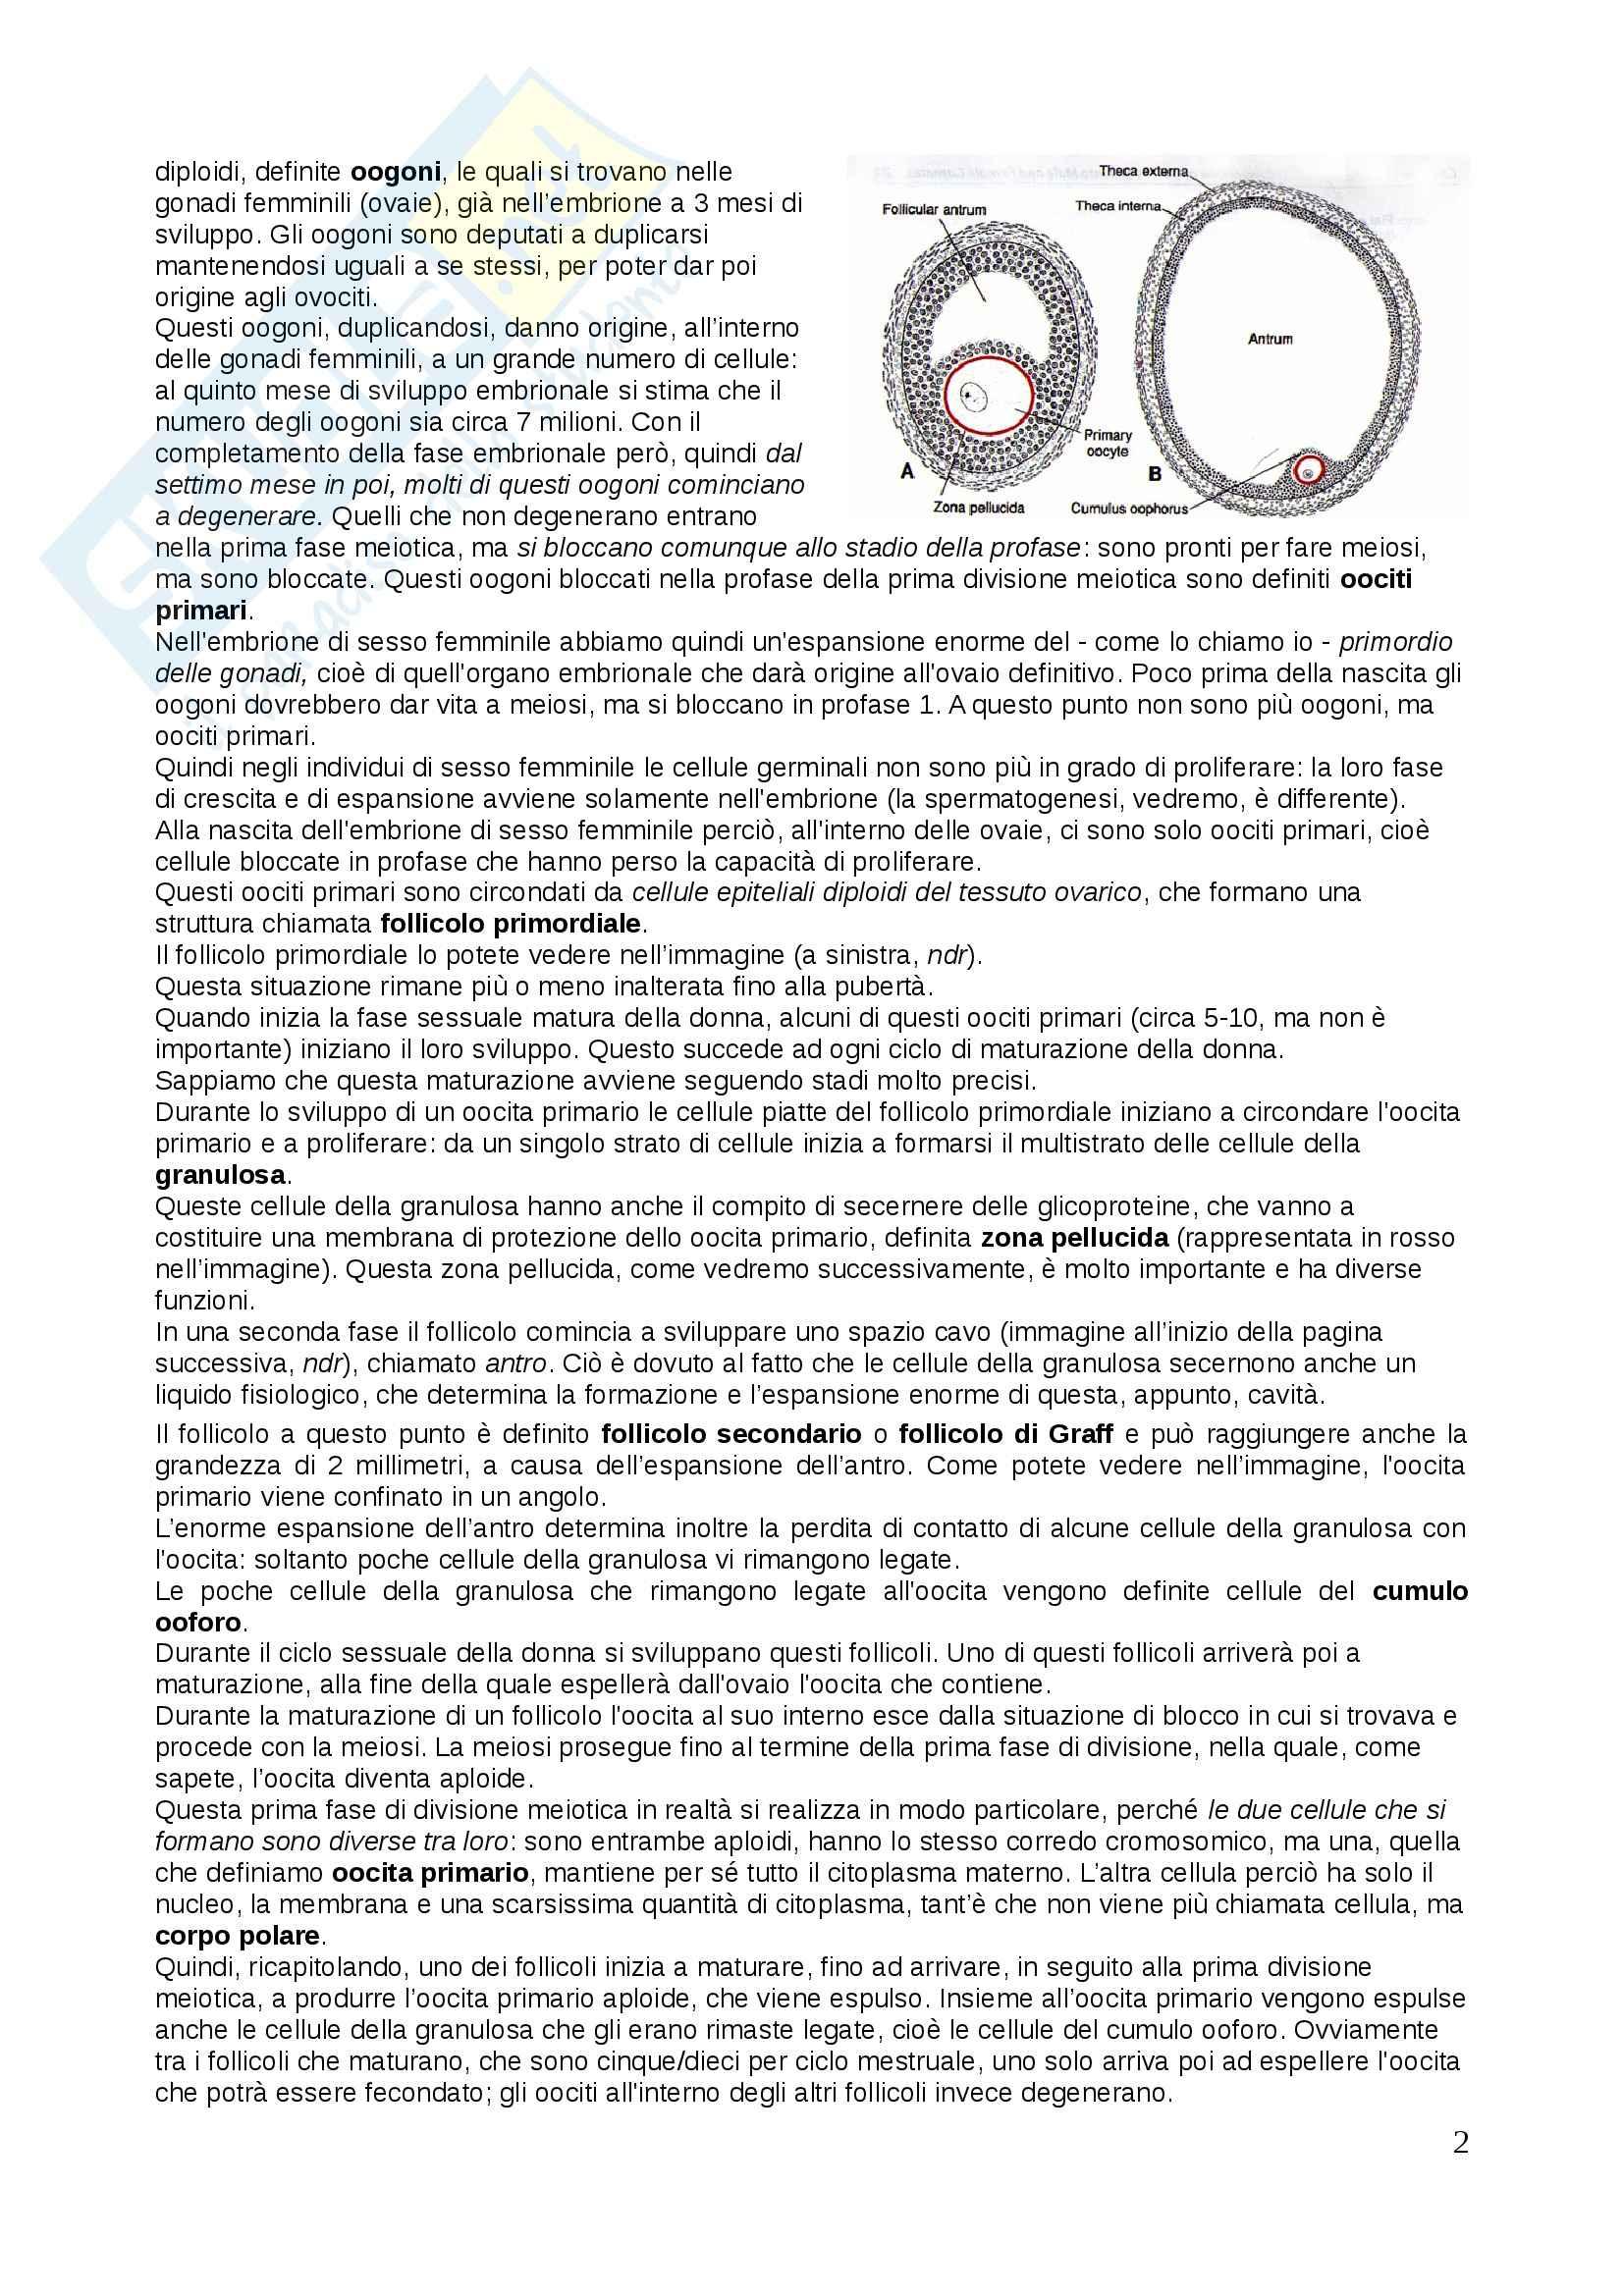 Genetica - gametogenesi e fecondazione Pag. 2